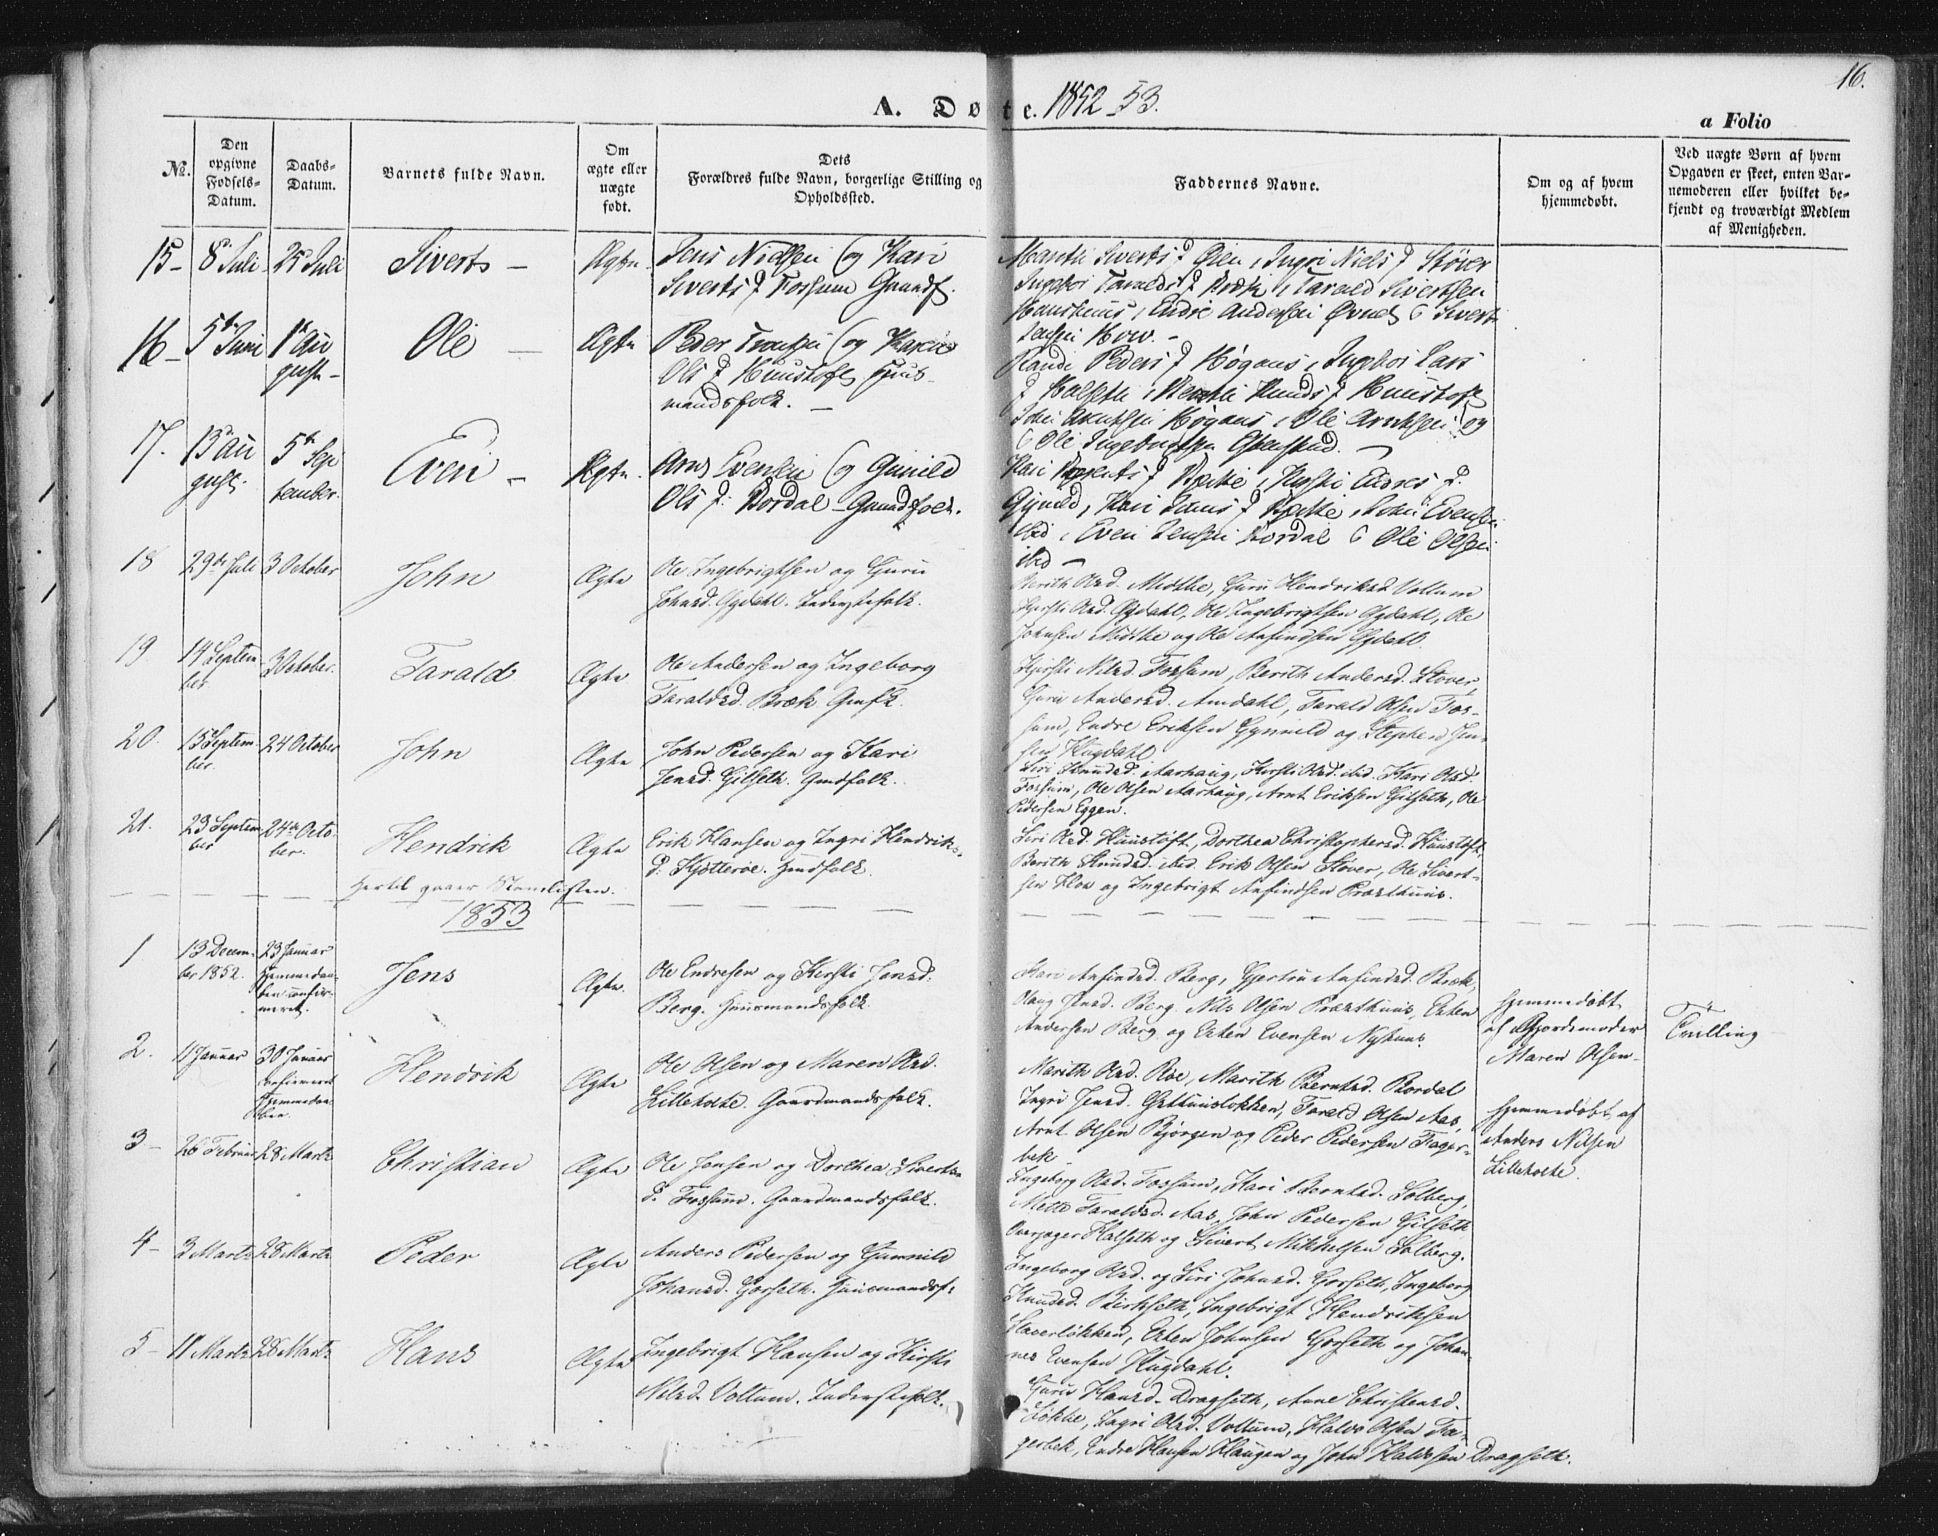 SAT, Ministerialprotokoller, klokkerbøker og fødselsregistre - Sør-Trøndelag, 689/L1038: Ministerialbok nr. 689A03, 1848-1872, s. 16